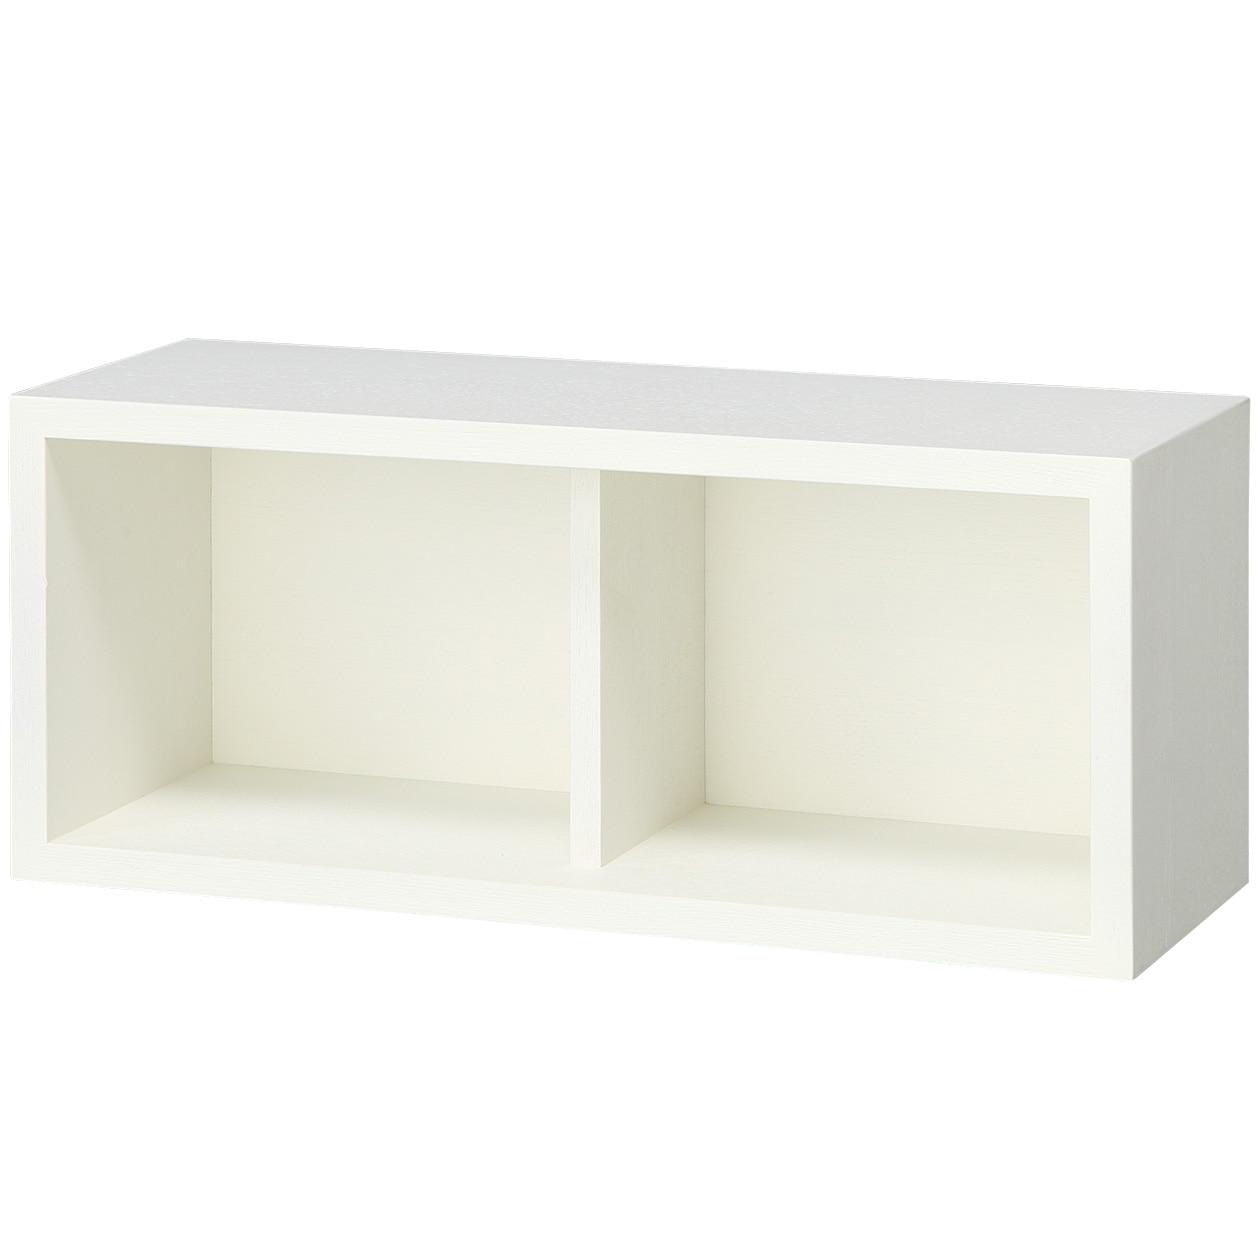 壁に付けられる家具・箱・幅44cm・タモ材/ライトグレー